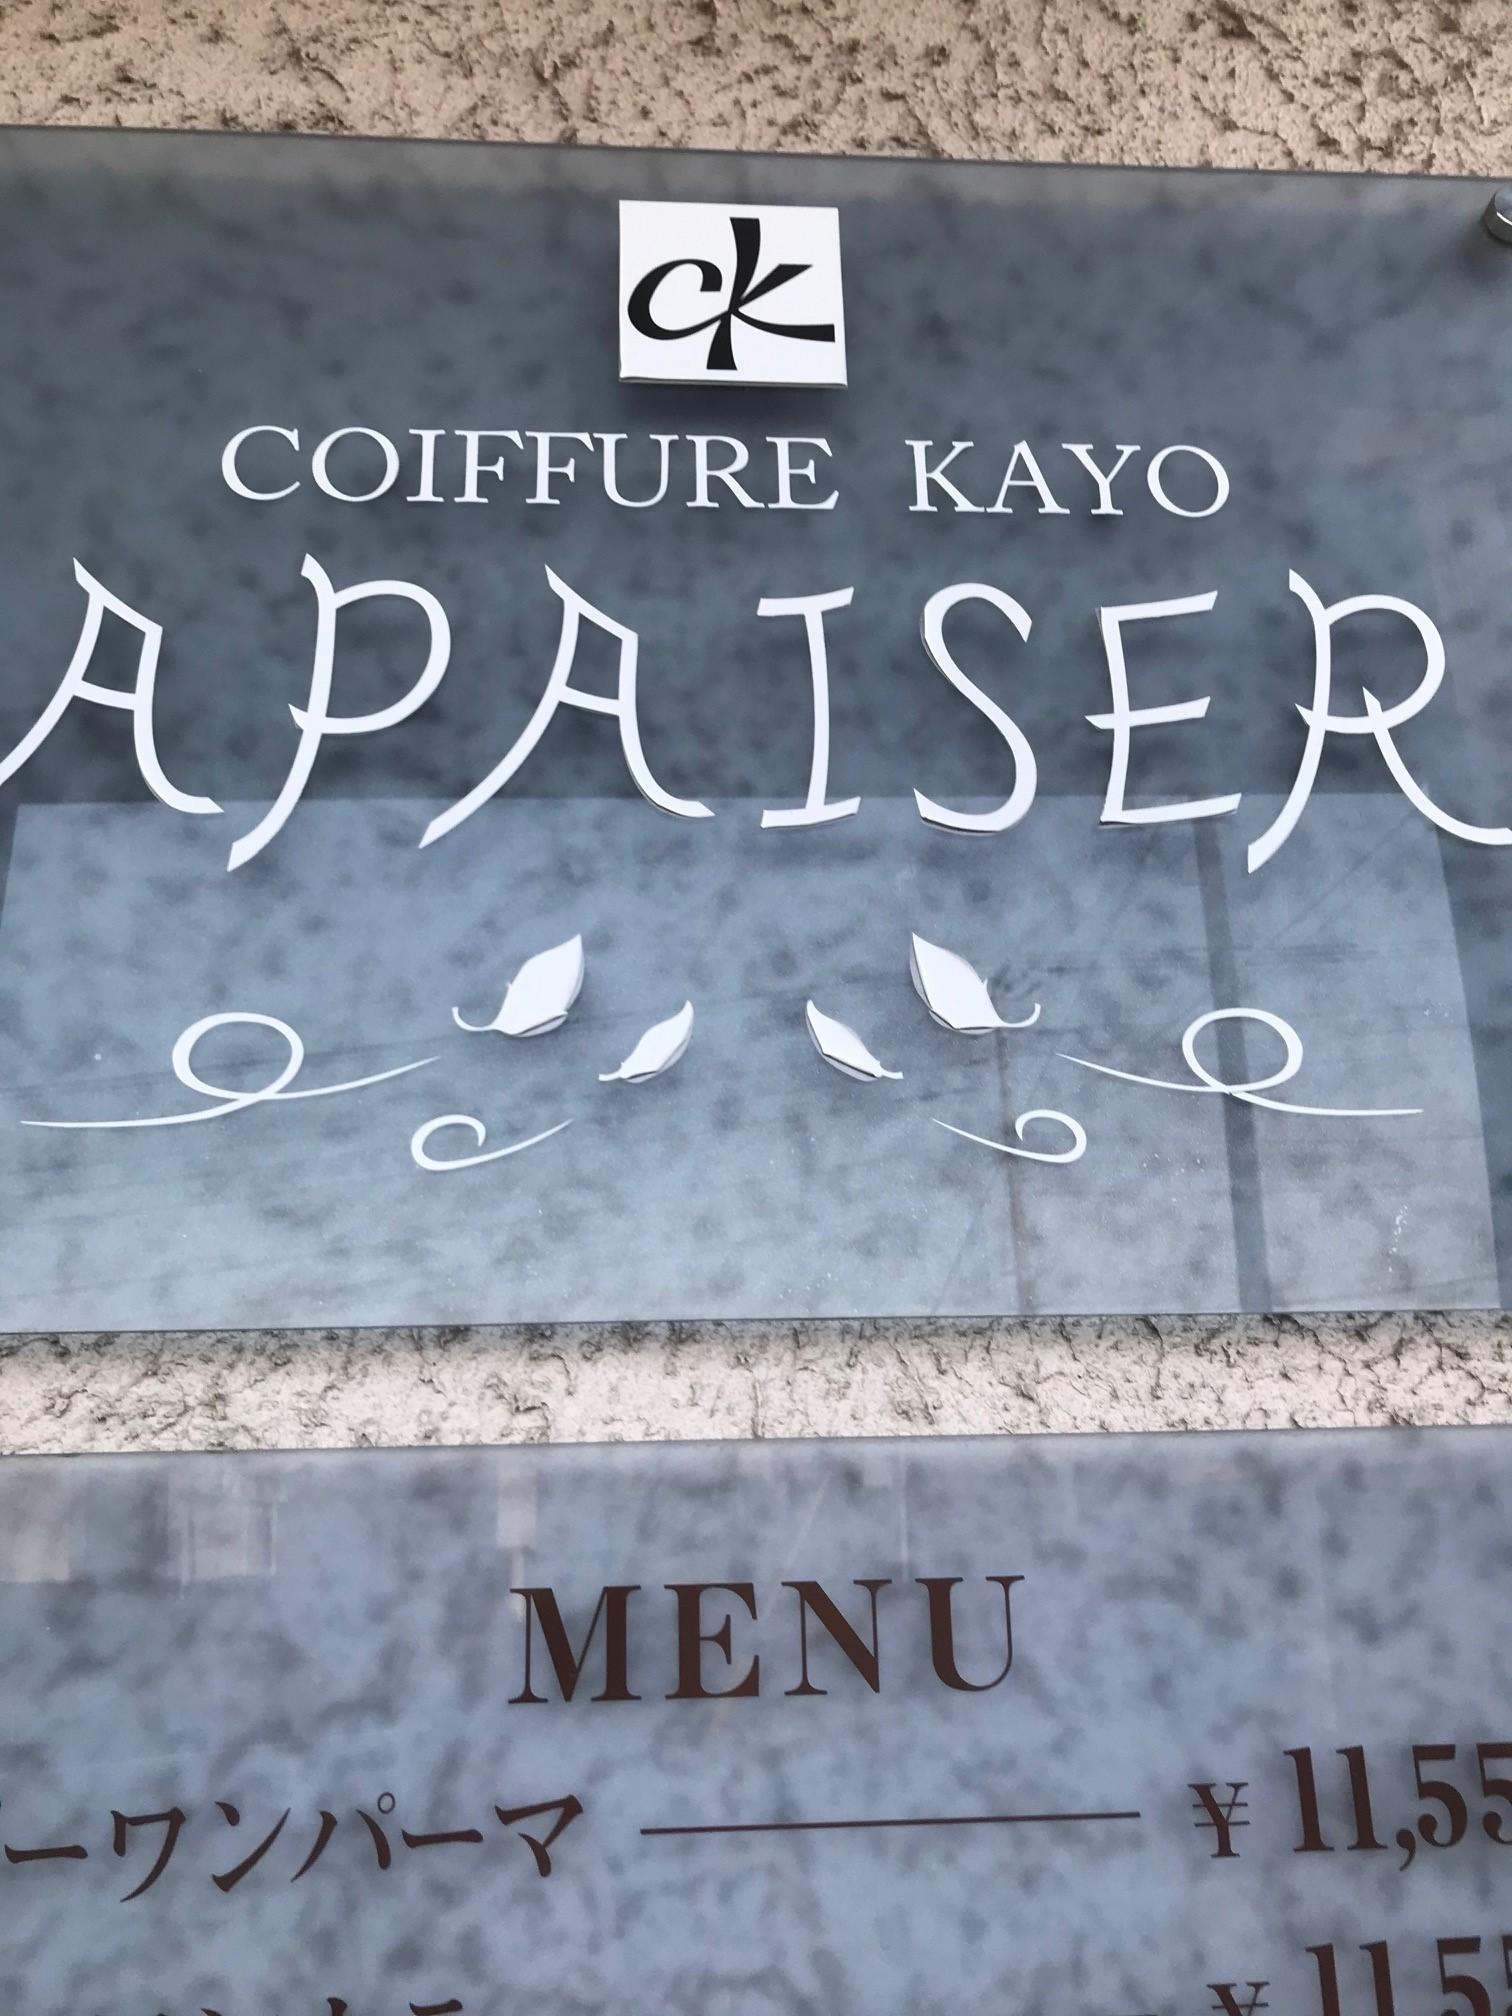 「カヨ美容室 APAISER」